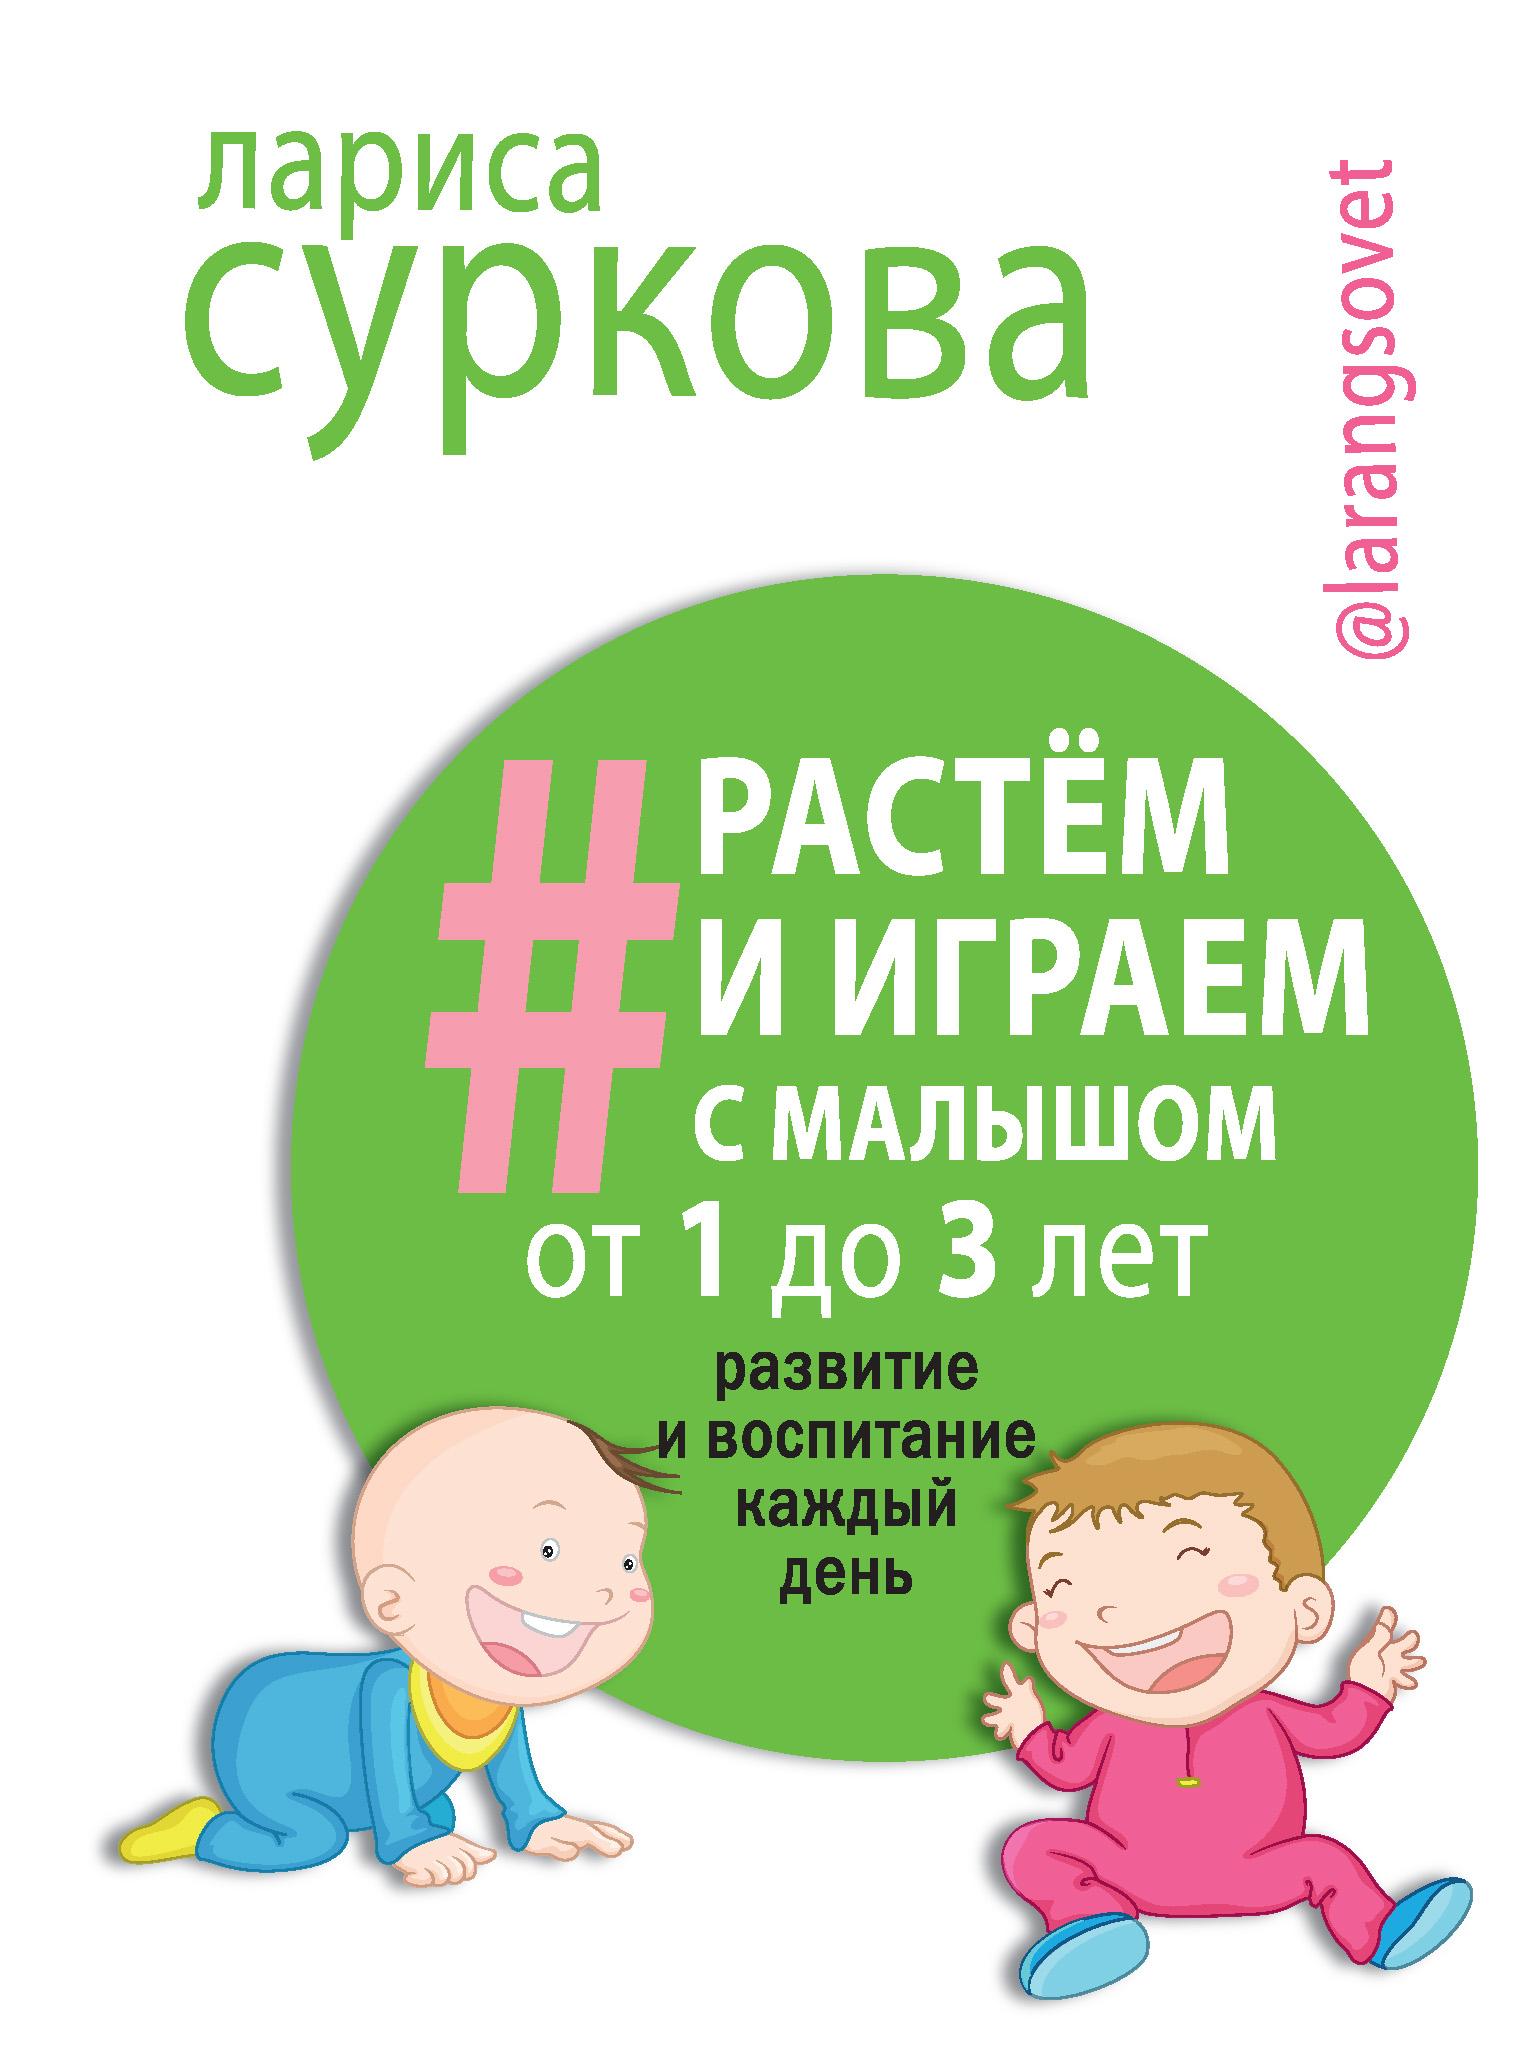 Лариса Суркова Растем и играем с малышом от 1 до 3 лет. Развитие и воспитание каждый день суркова л растем и играем с малышом от 1 до 3 лет развитие и воспитание каждый день